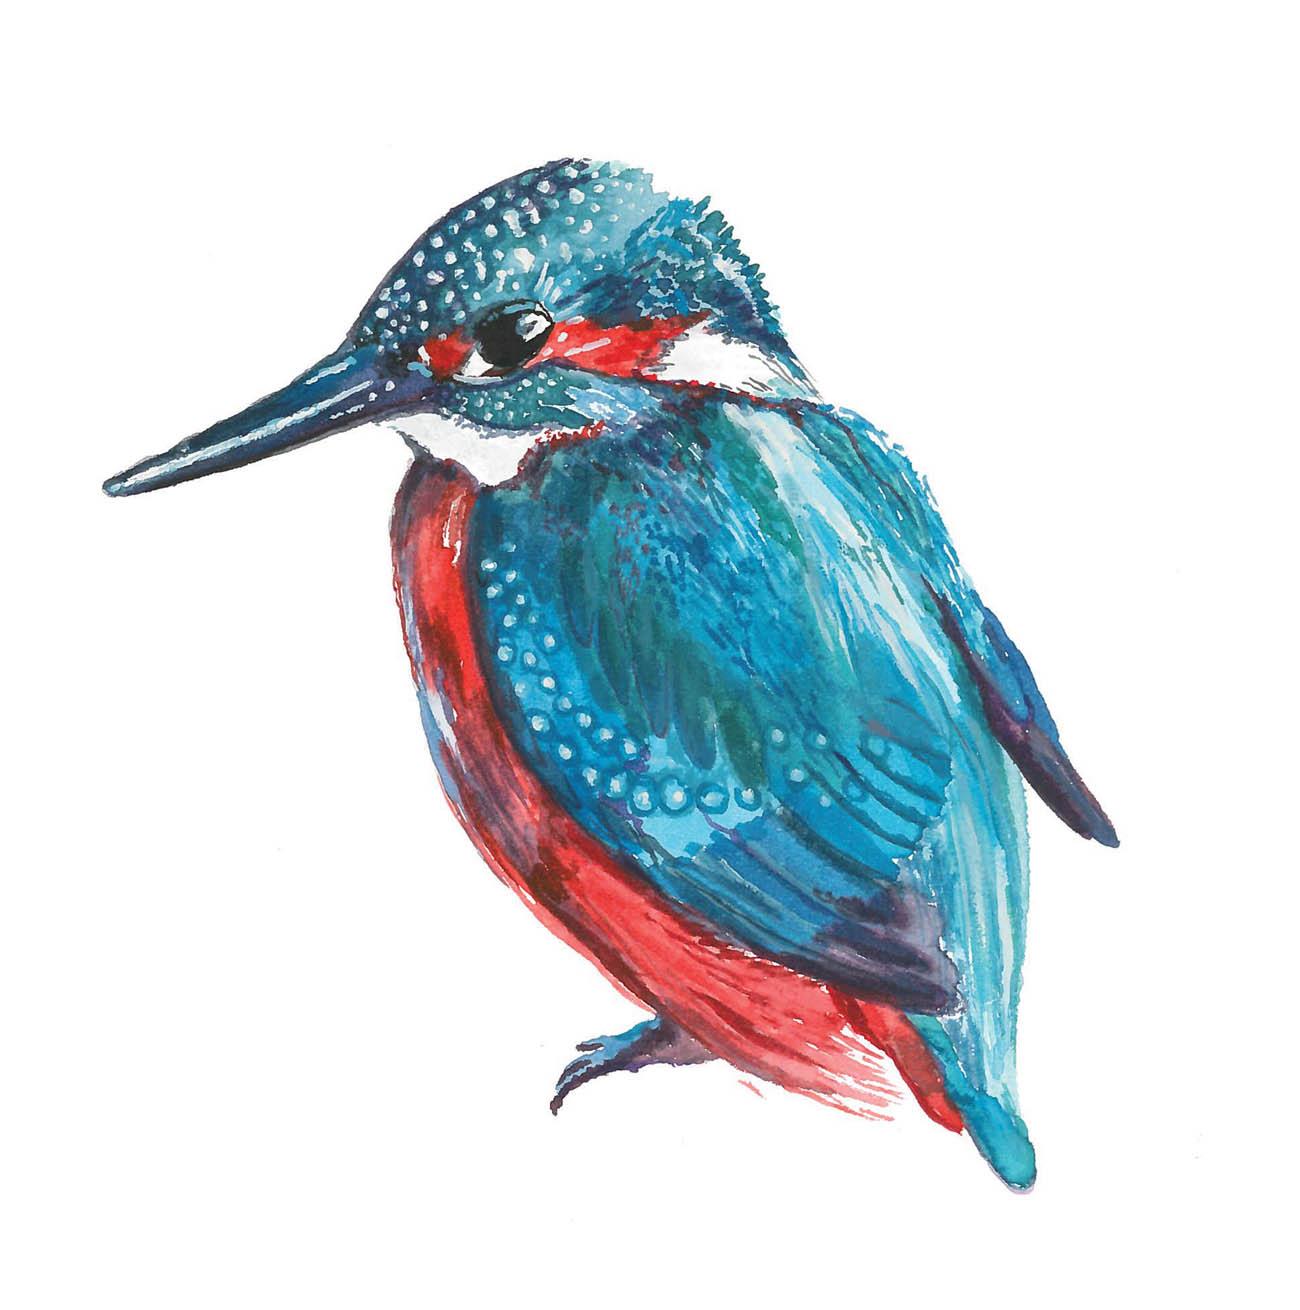 Kingfisher-Louise-Naughton.jpg